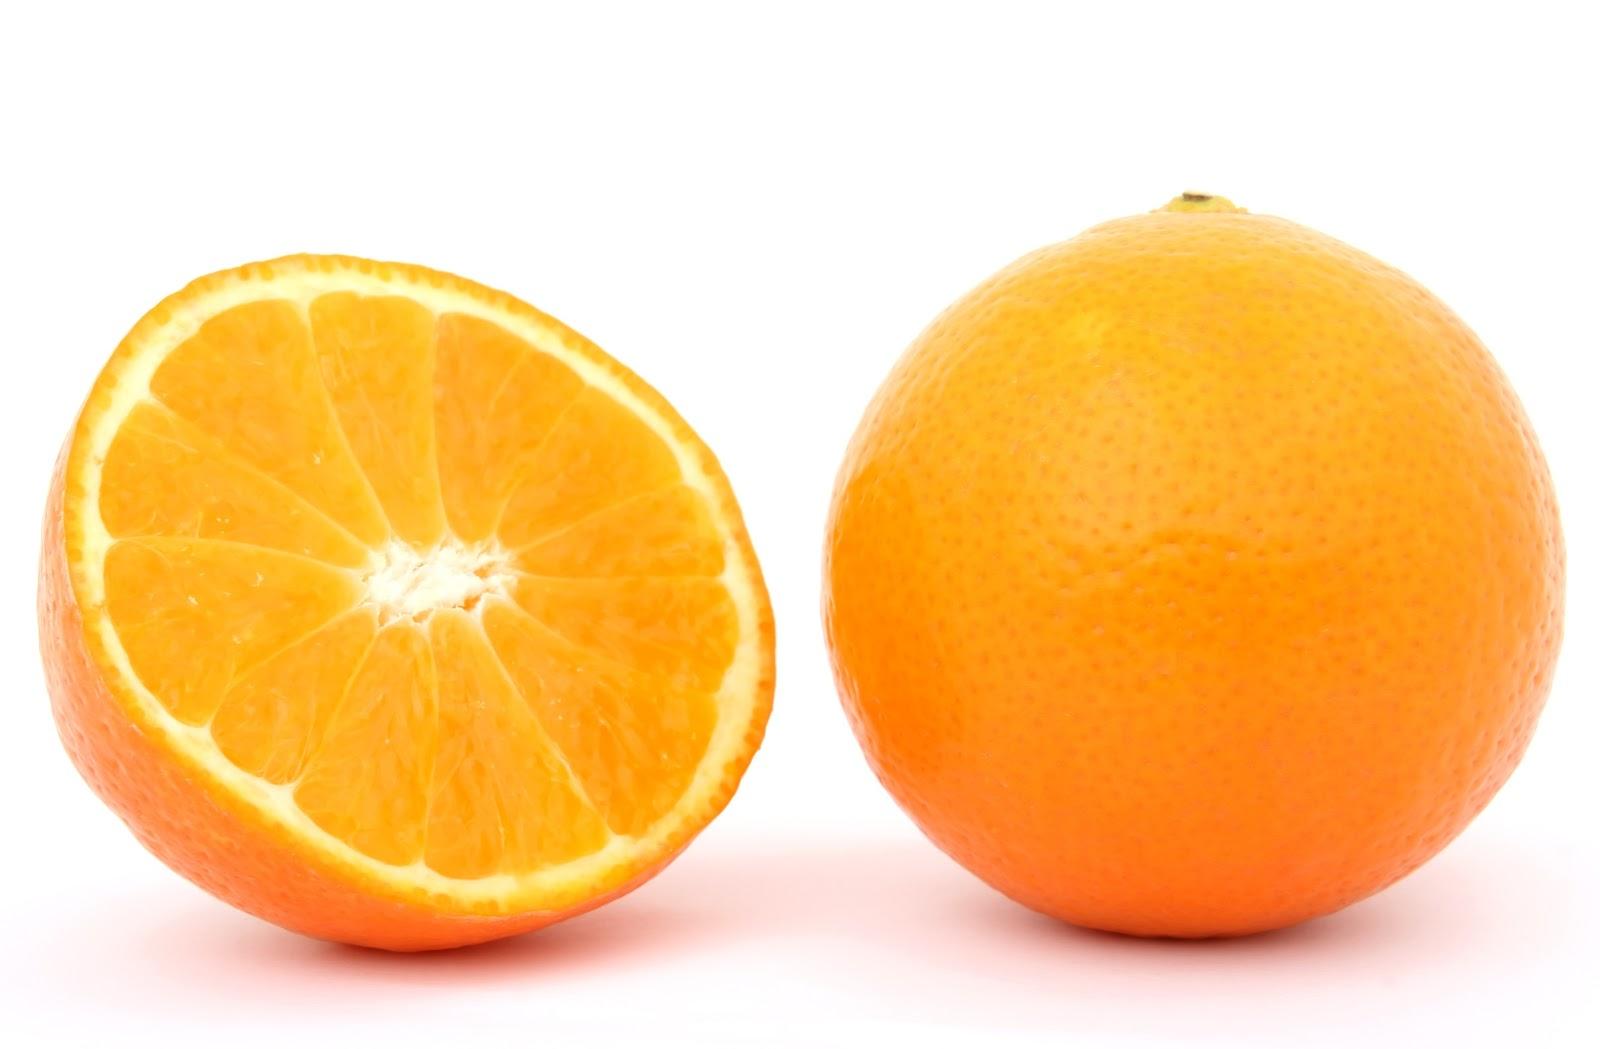 תפוז ועוד חצי פרוס כתום